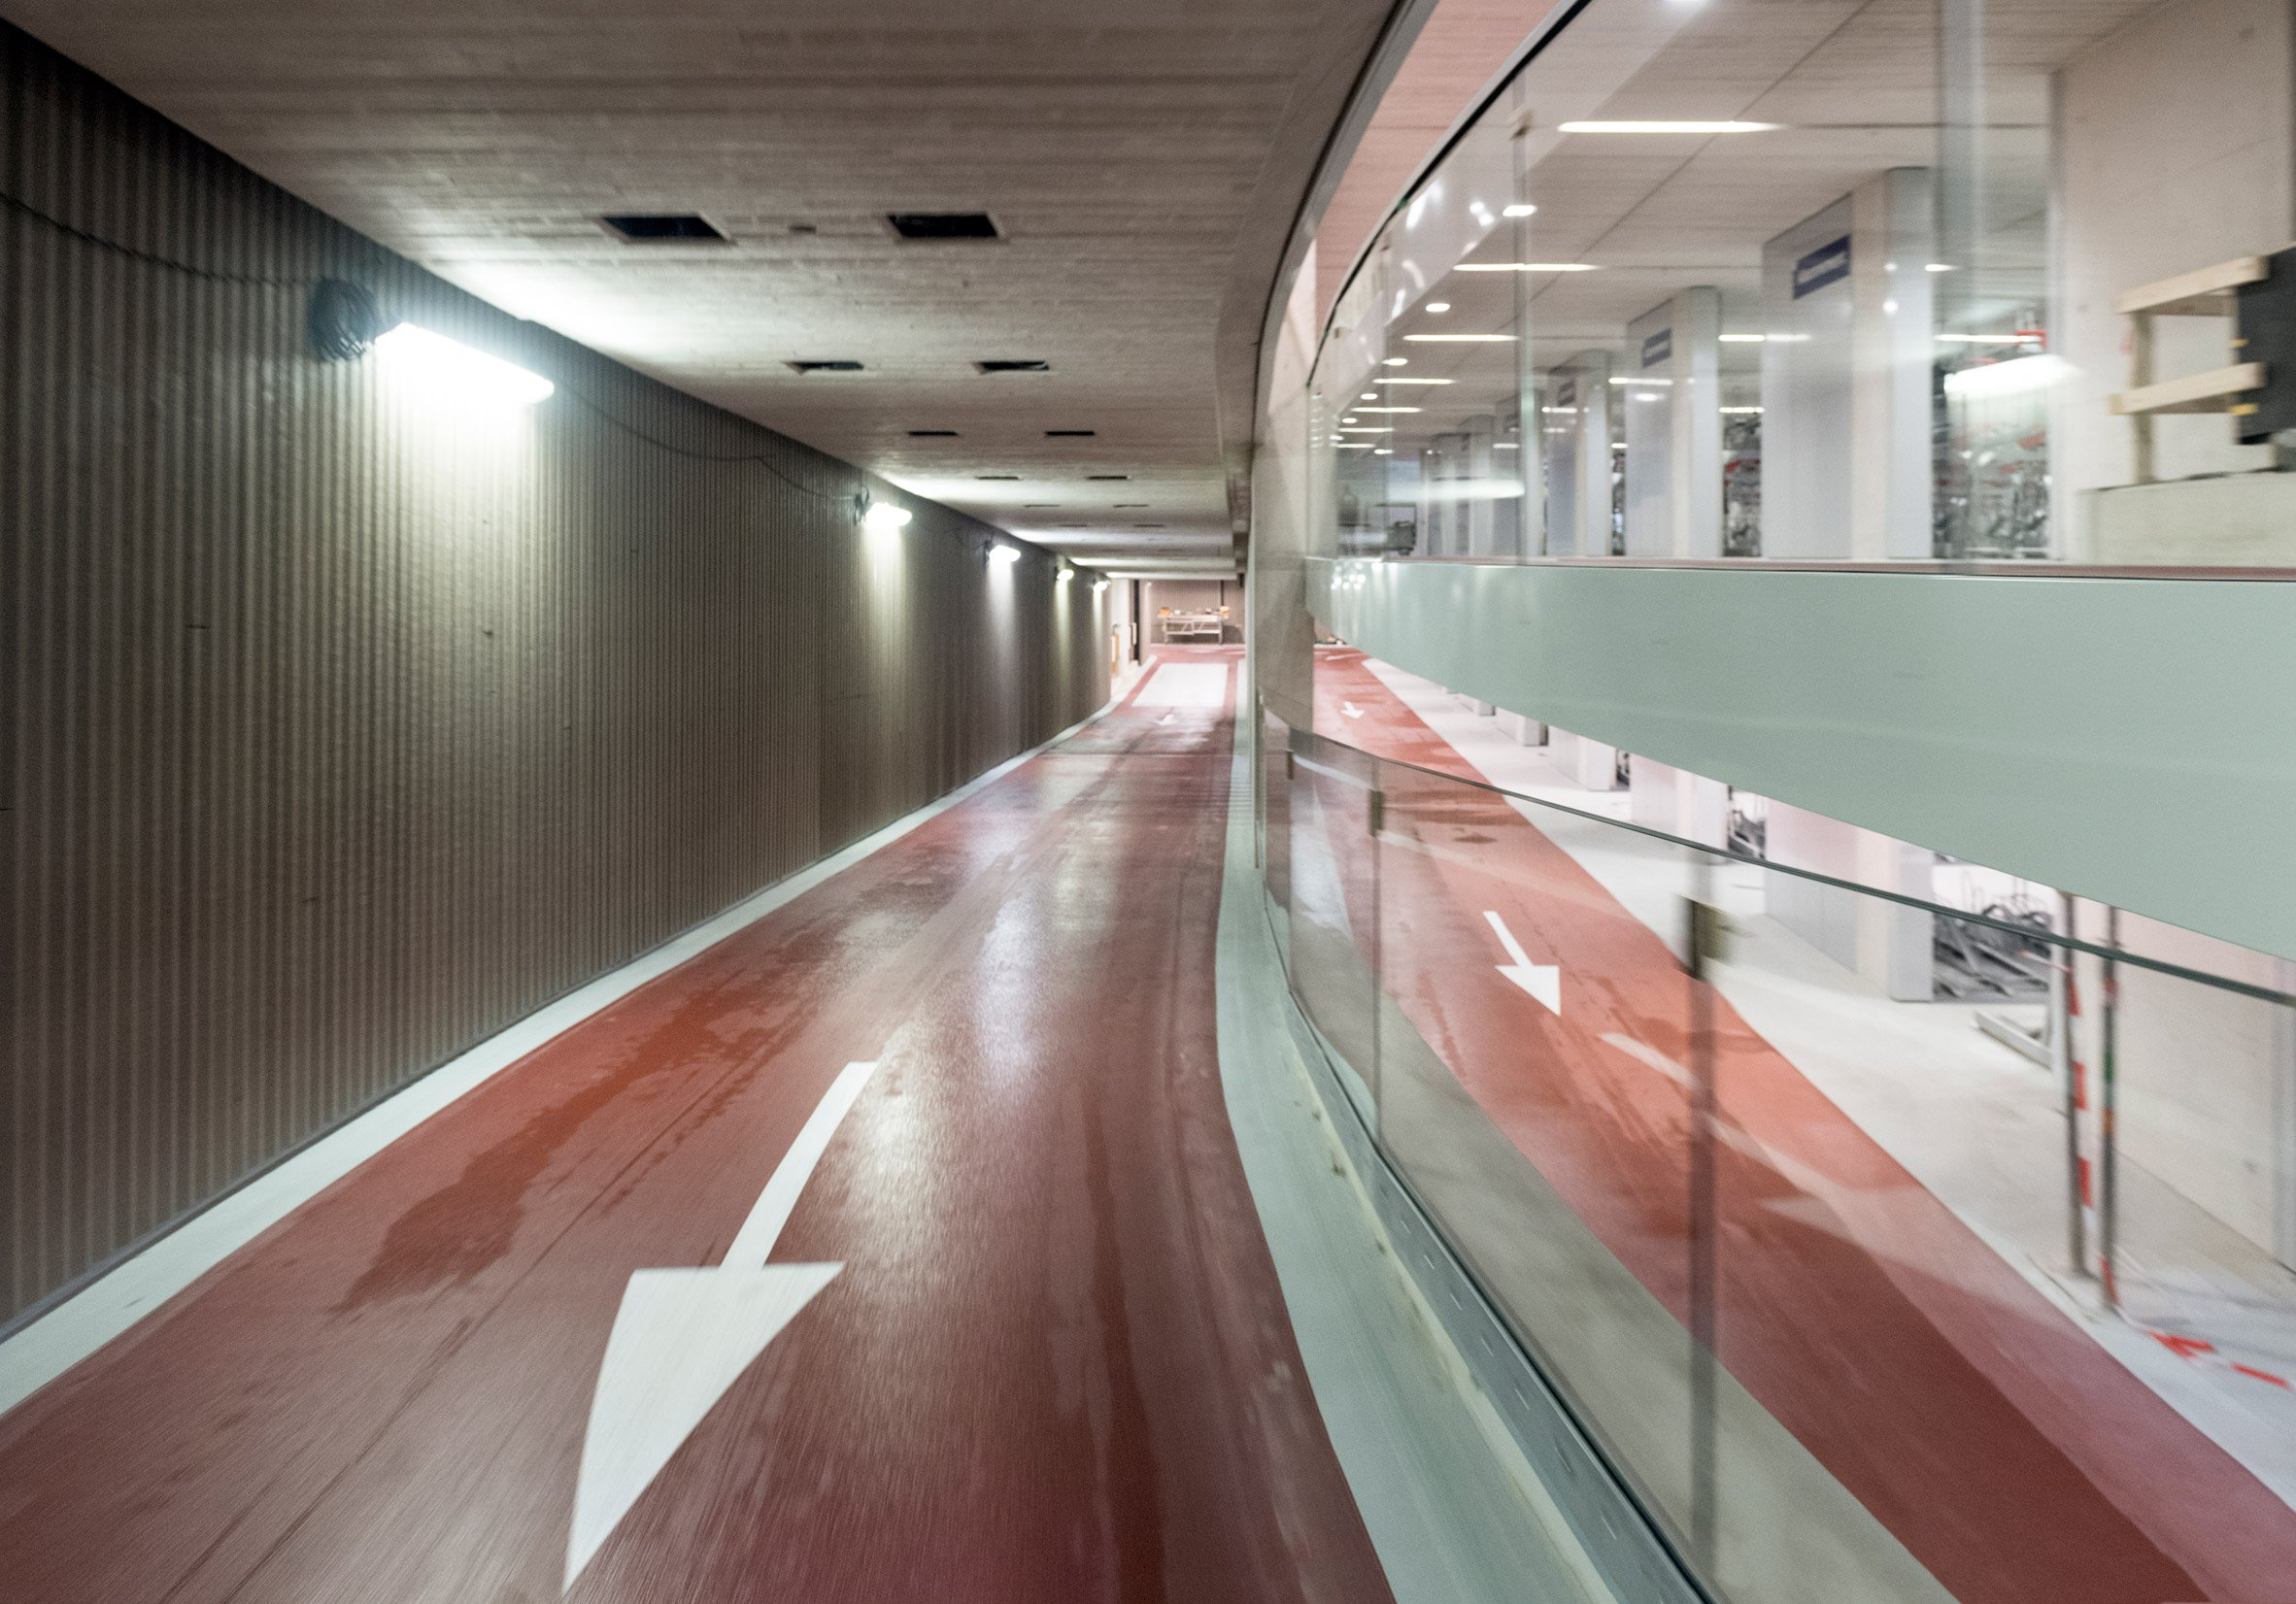 stationsplein-bicycle-parking-utrecht-architecture_dezeen_2364_col_7.jpg